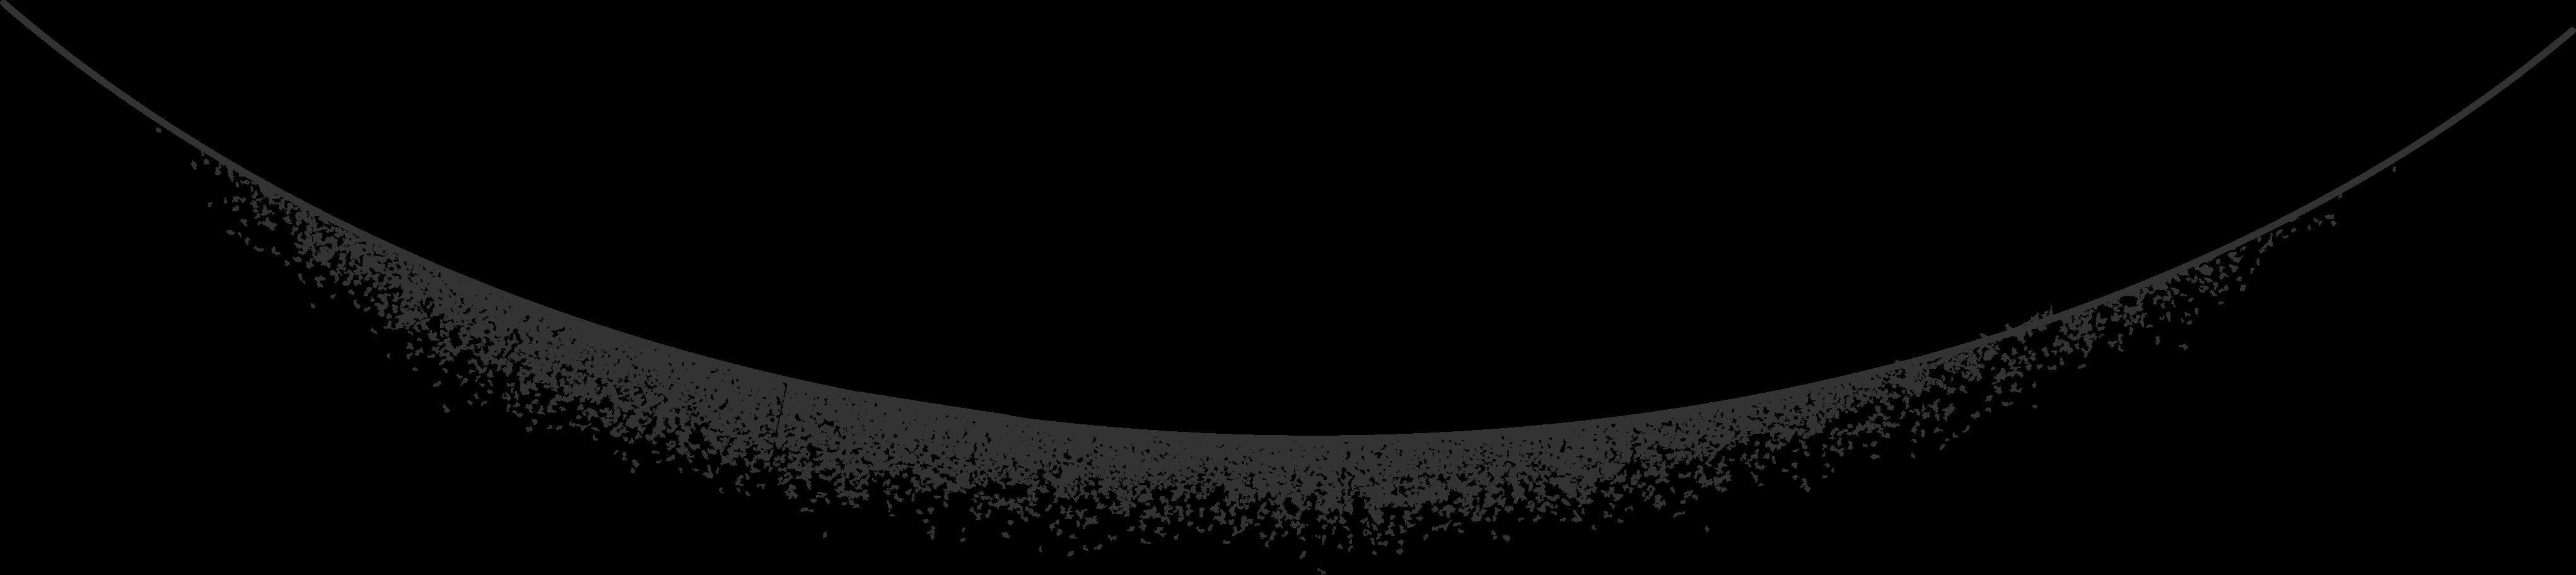 black floor Clipart illustration in PNG, SVG